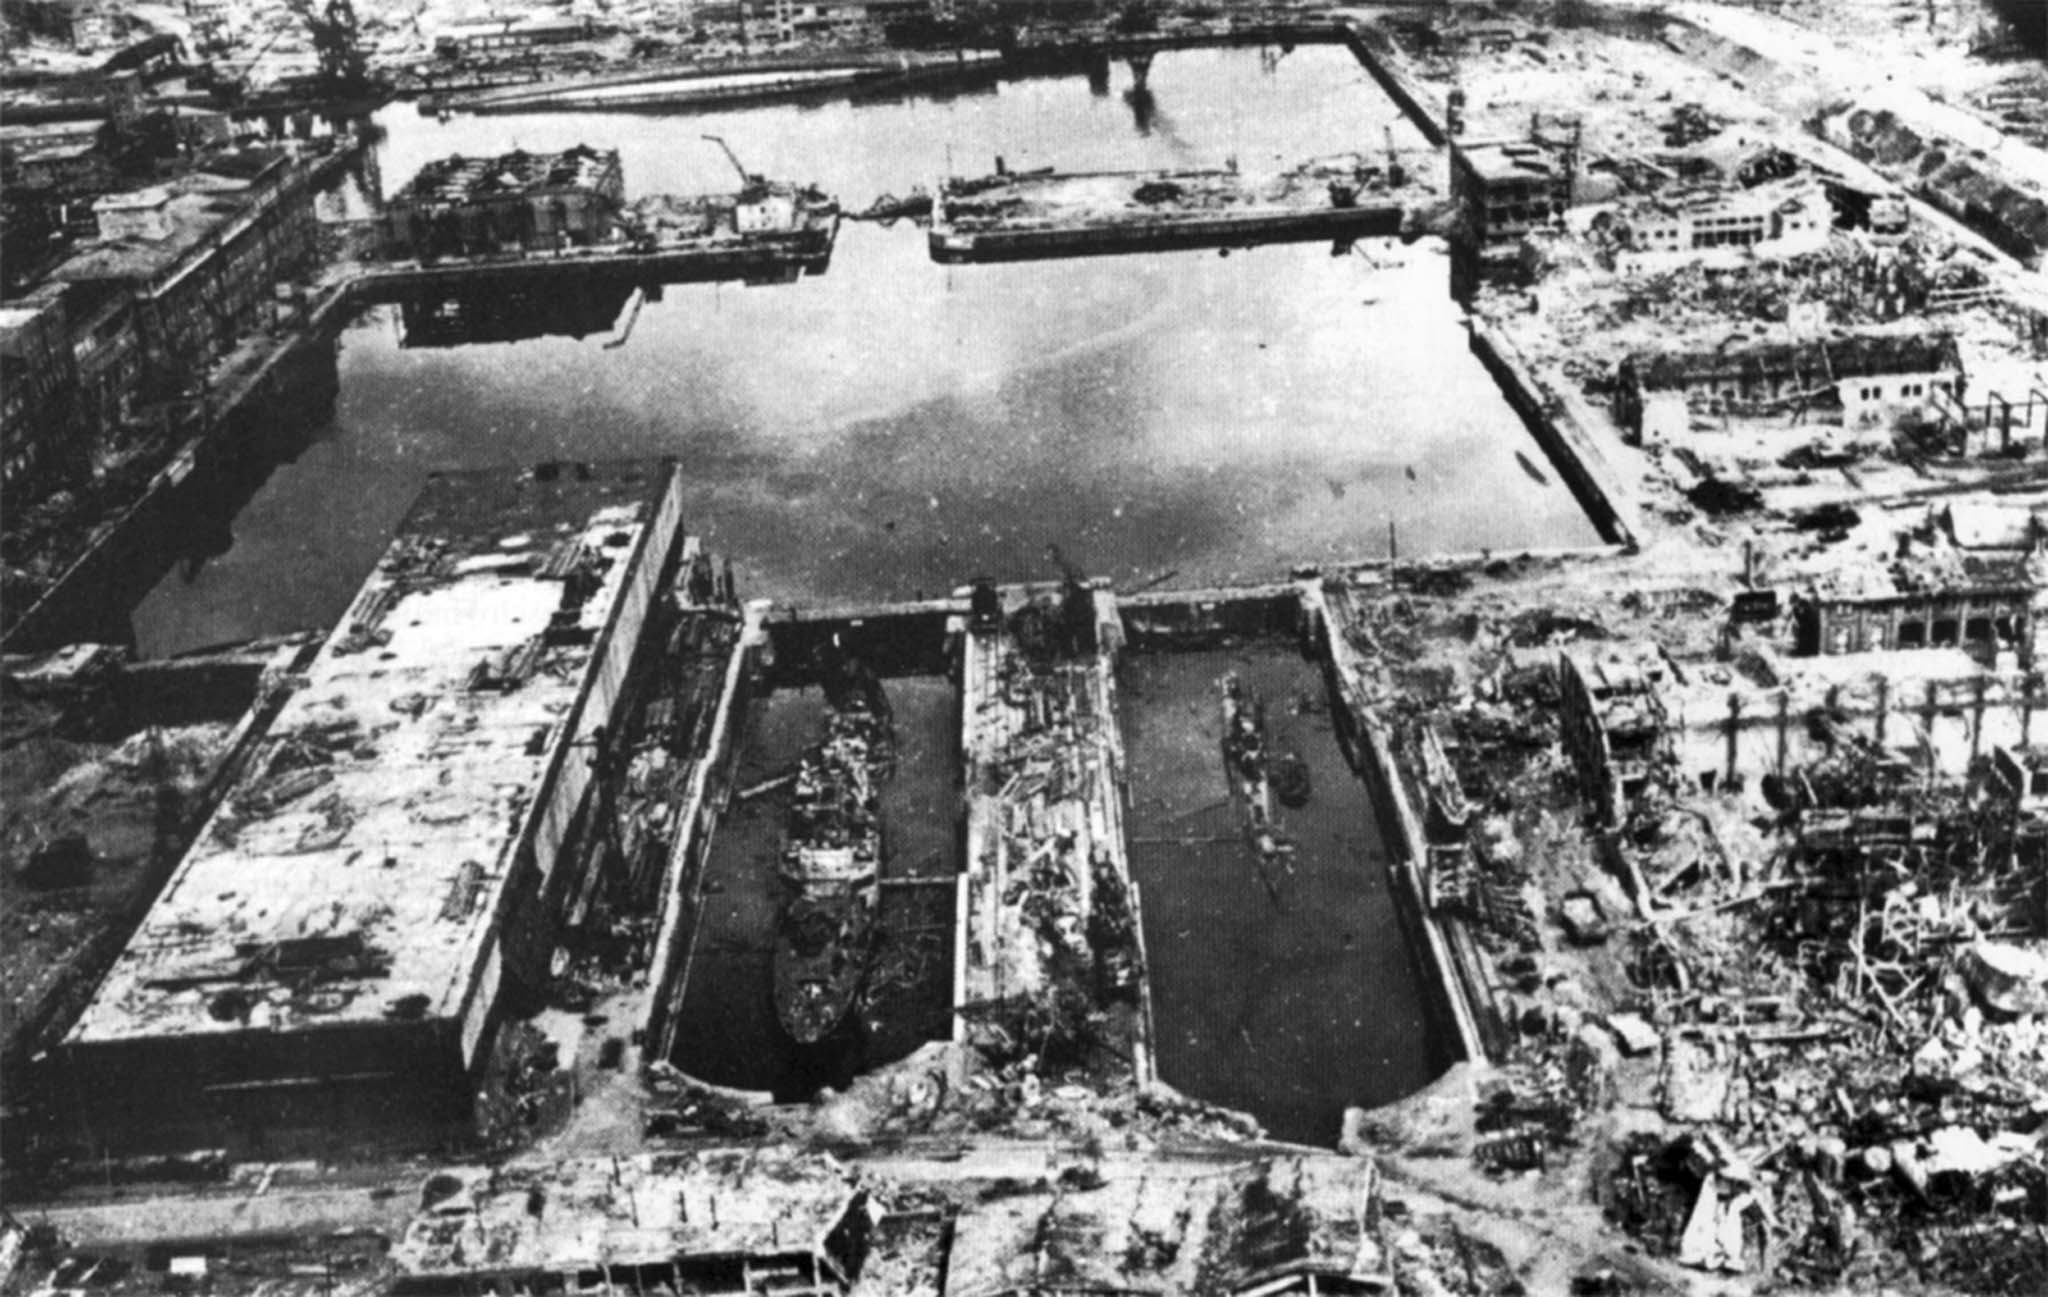 Deutsche Werke shipyard